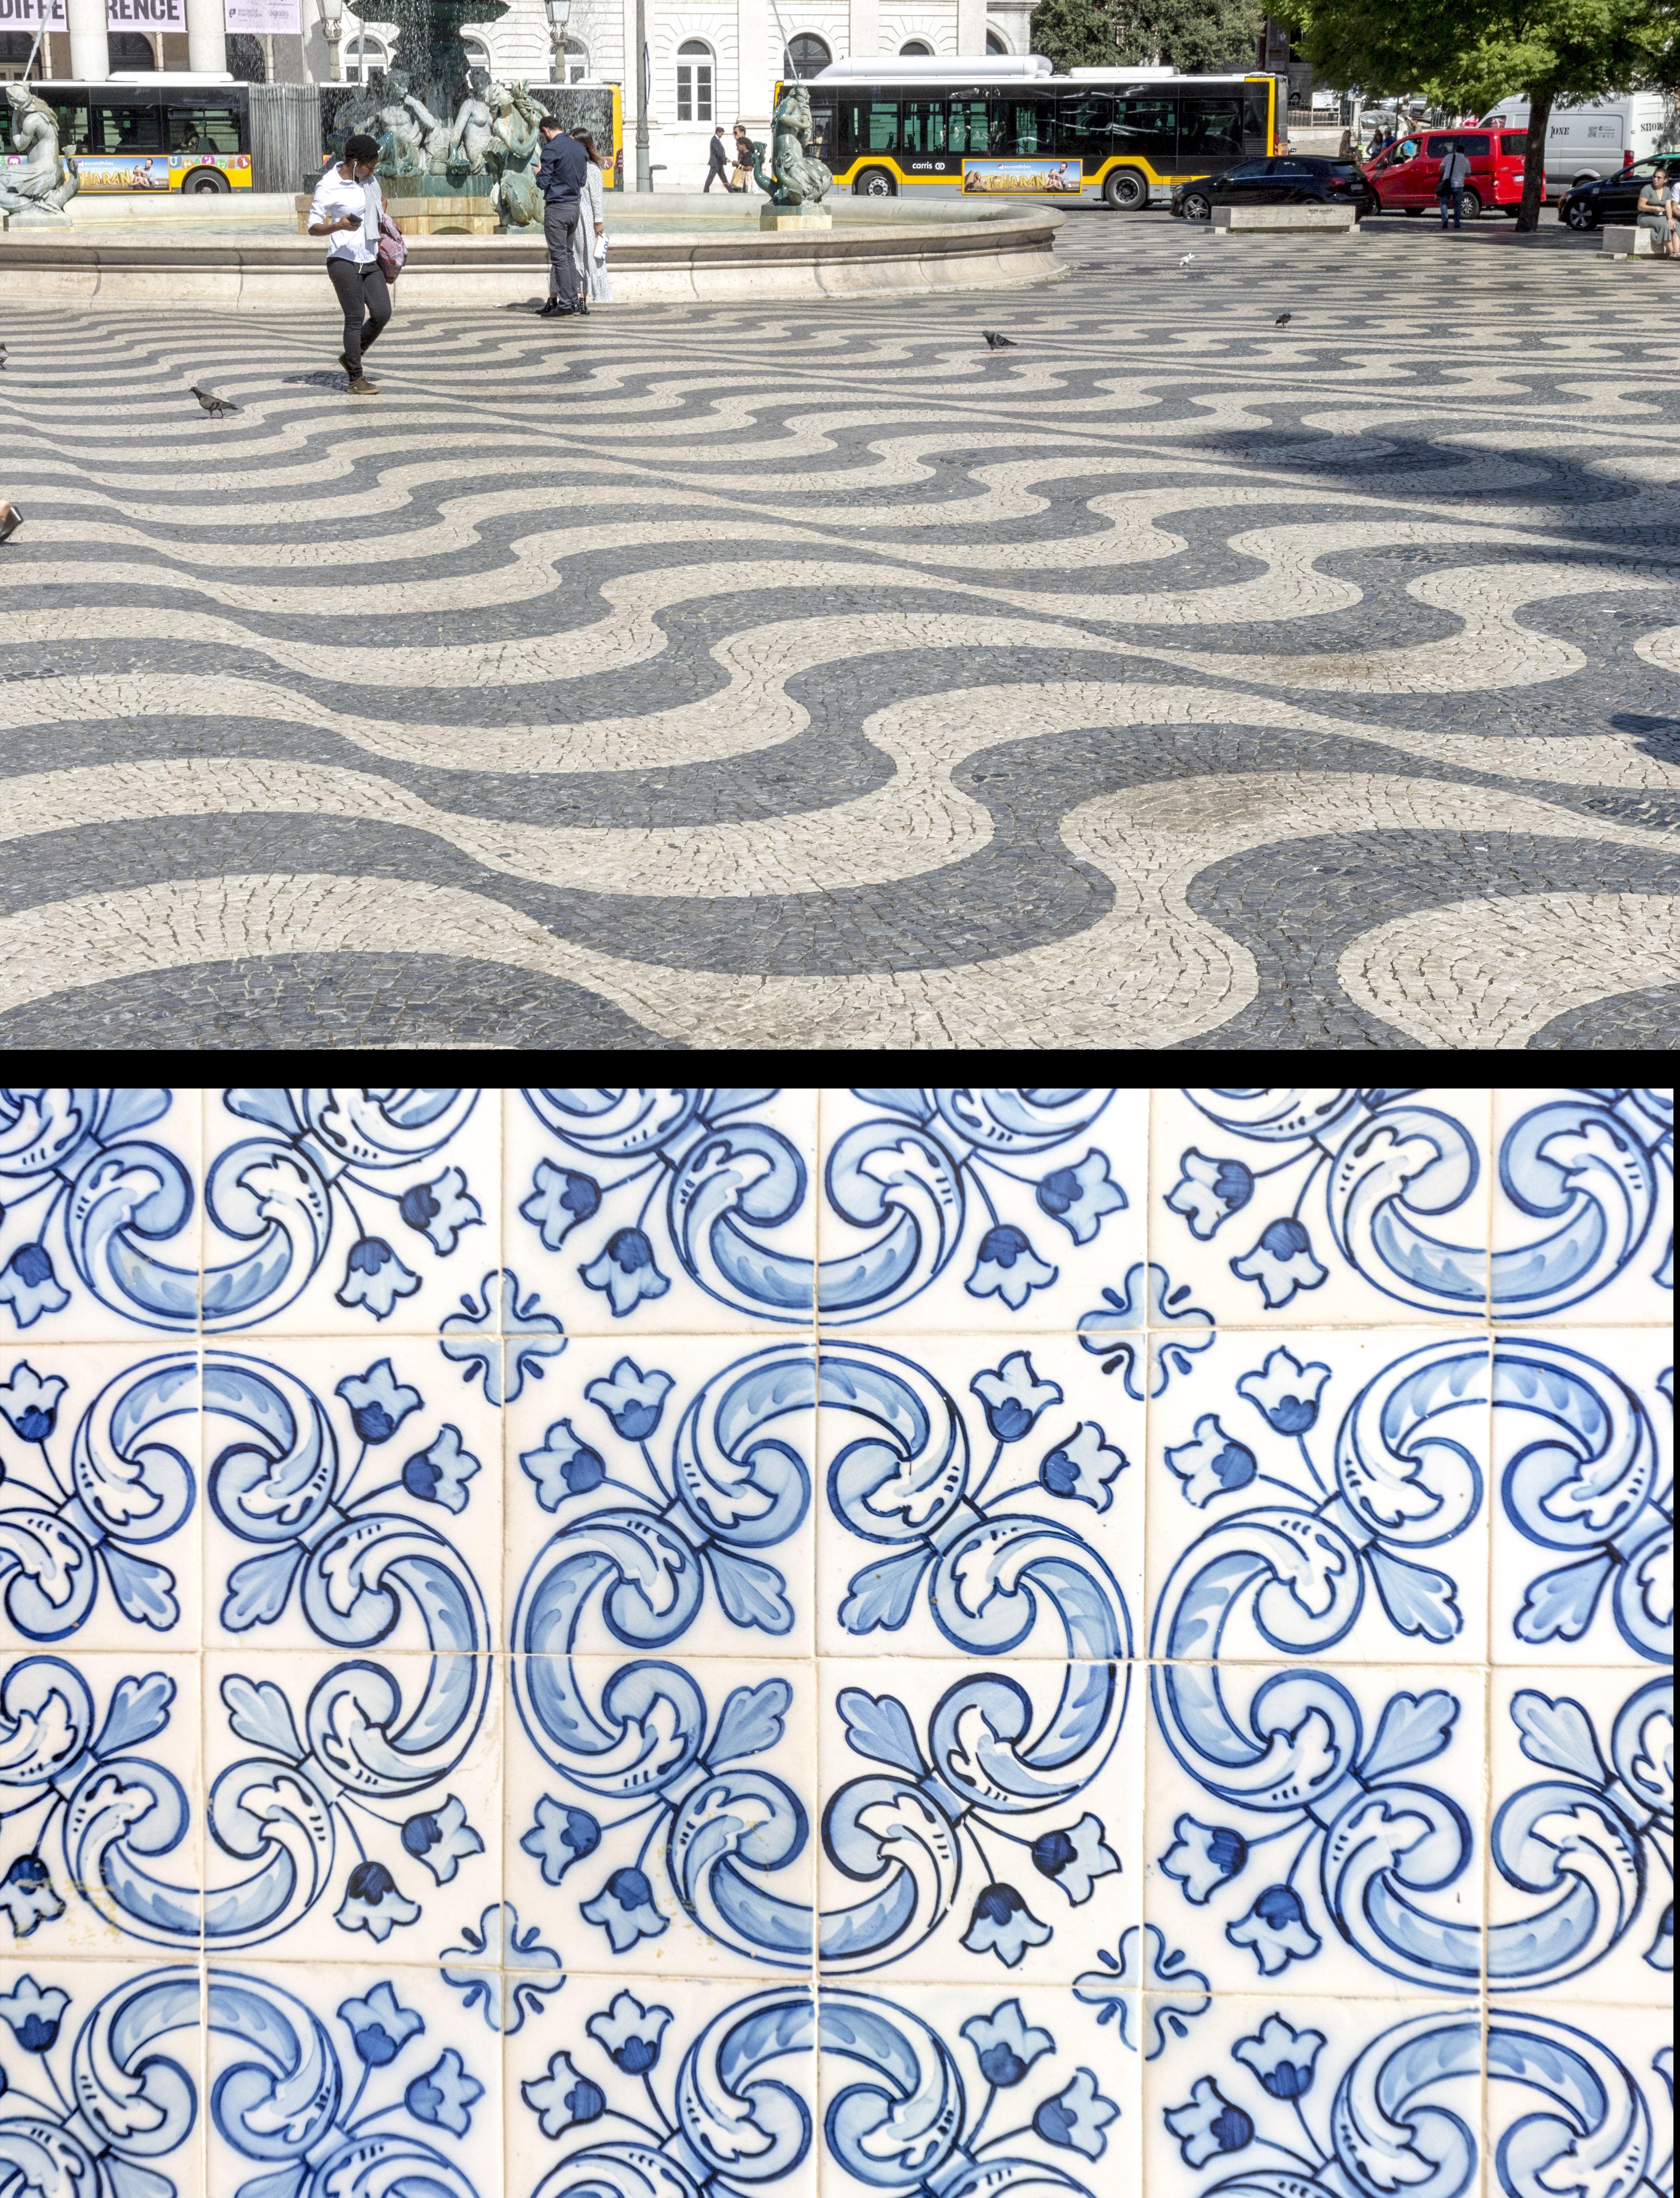 Calçada portuguesa (top) - Azulejos (bottom)